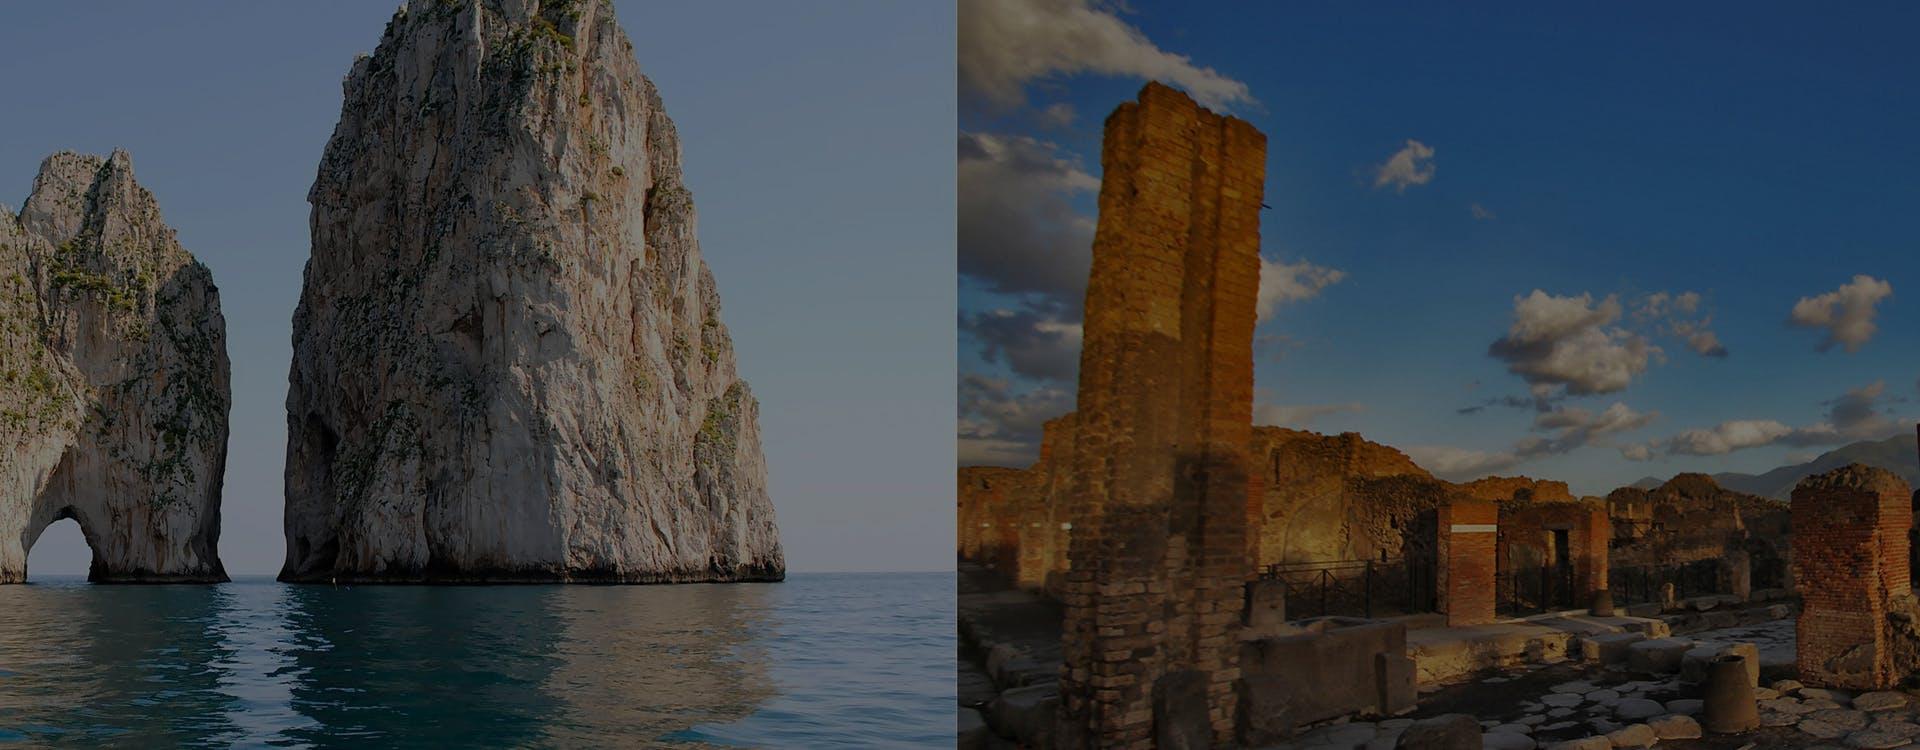 Capri and Pompeii Combined Tour